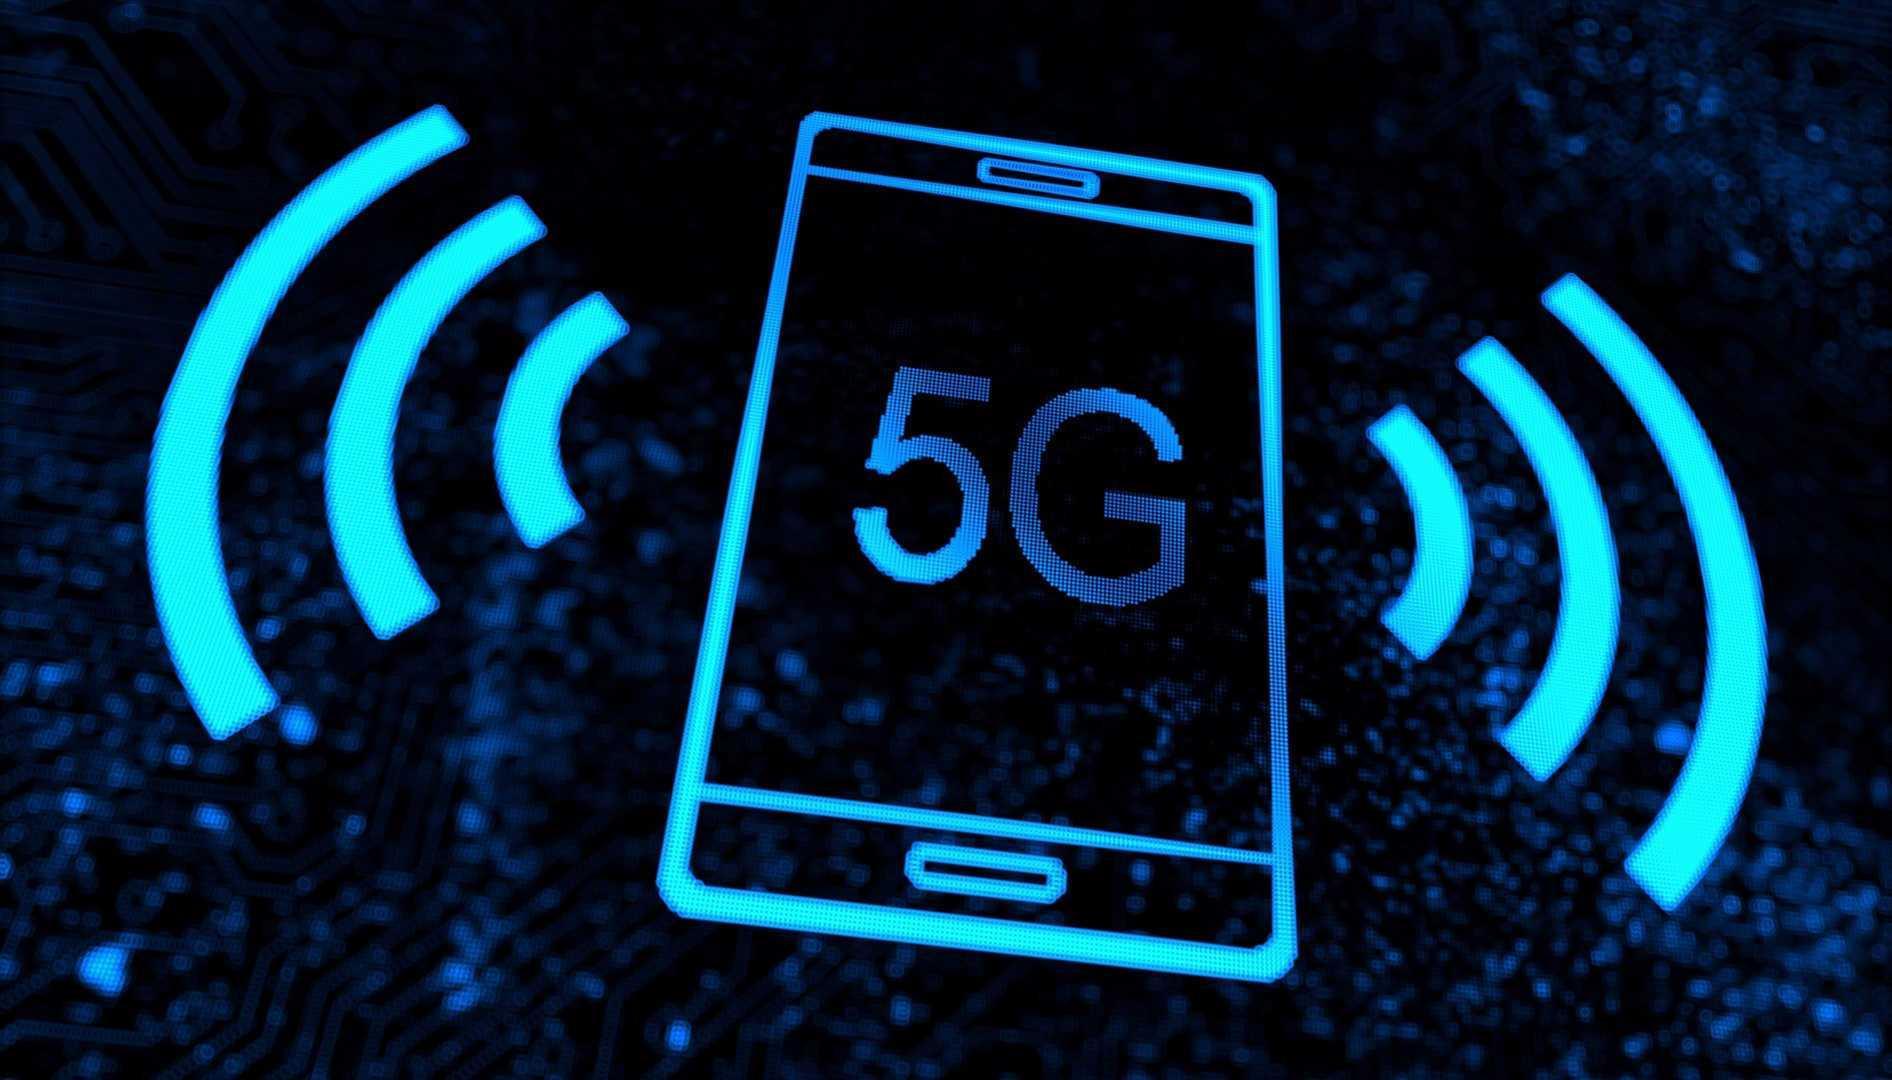 КНР  в текущем году  планирует выполнить  коммерческий запуск сетей 5G